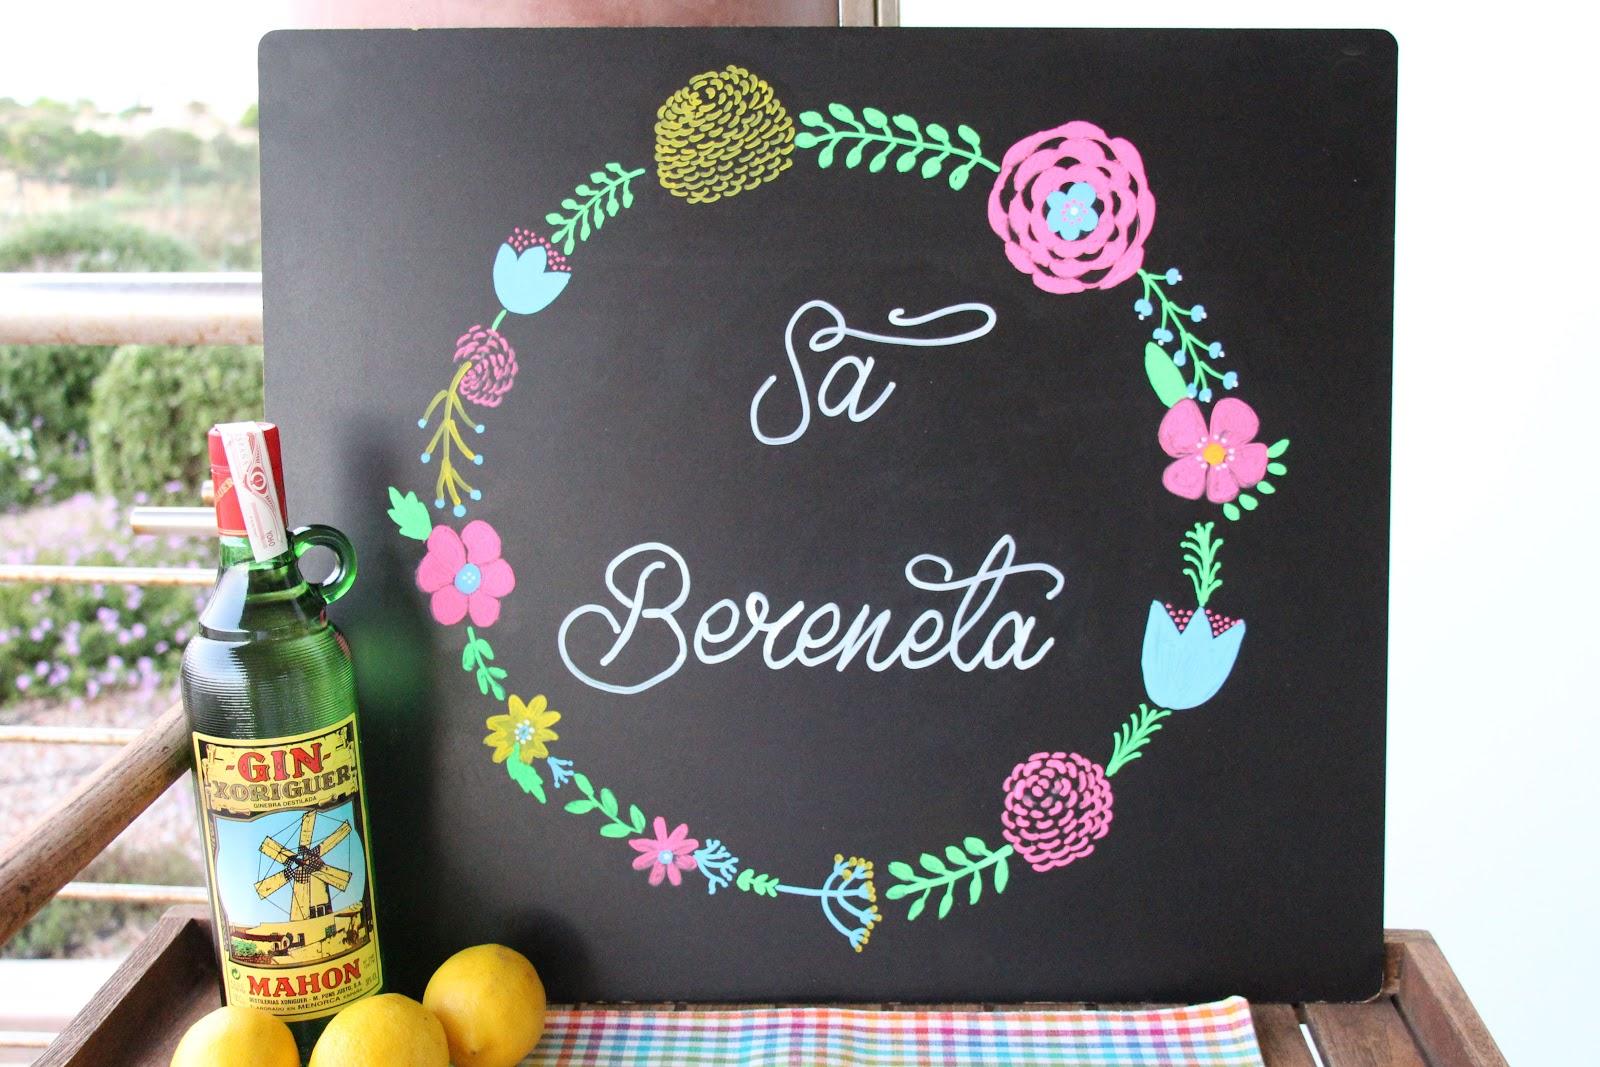 Mardefiesta letra bonita en una pizarra for Como decorar c